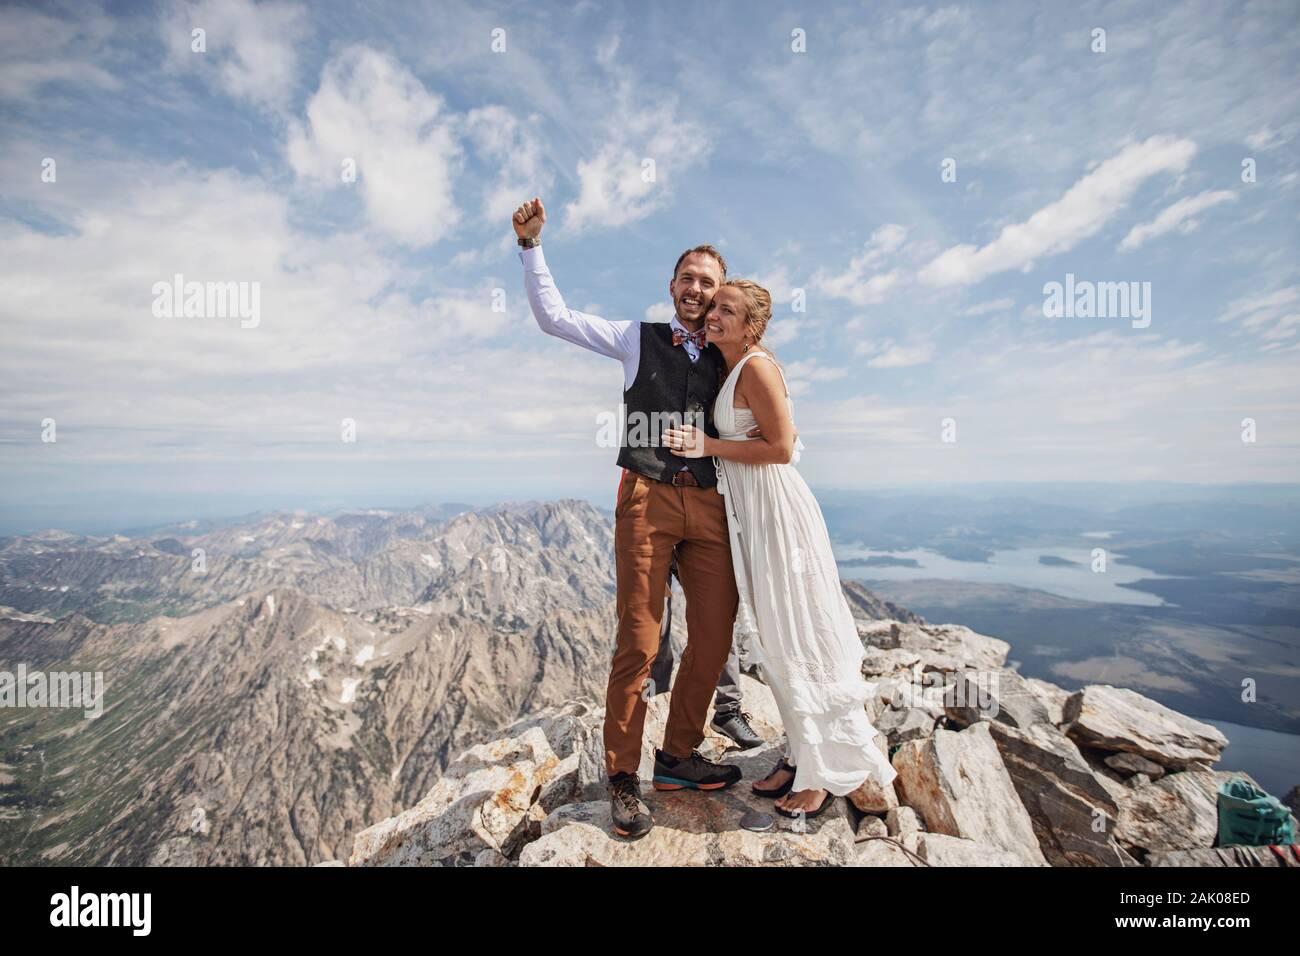 Frisch vermählte Braut und Bräutigam feiern nach der Hochzeit auf dem Berg Stockfoto